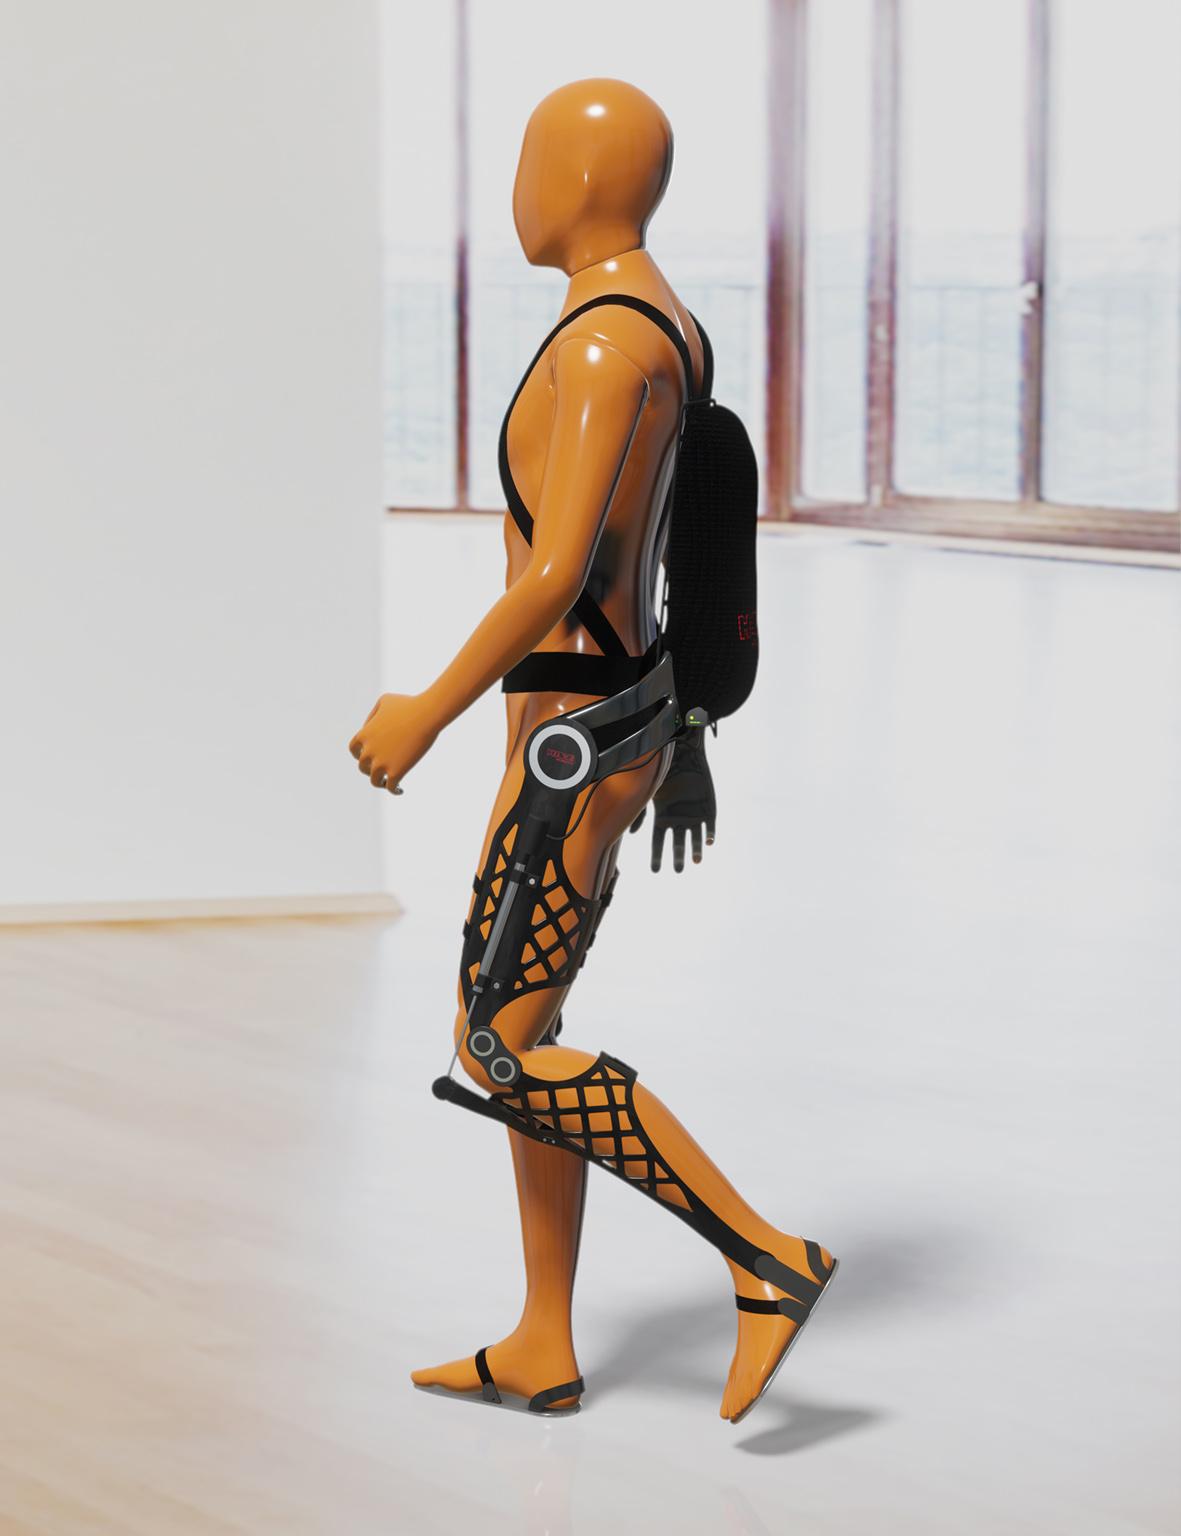 Un projet commun vise à développer des exosquelettes hydrauliques avec des composants imprimés en 3D